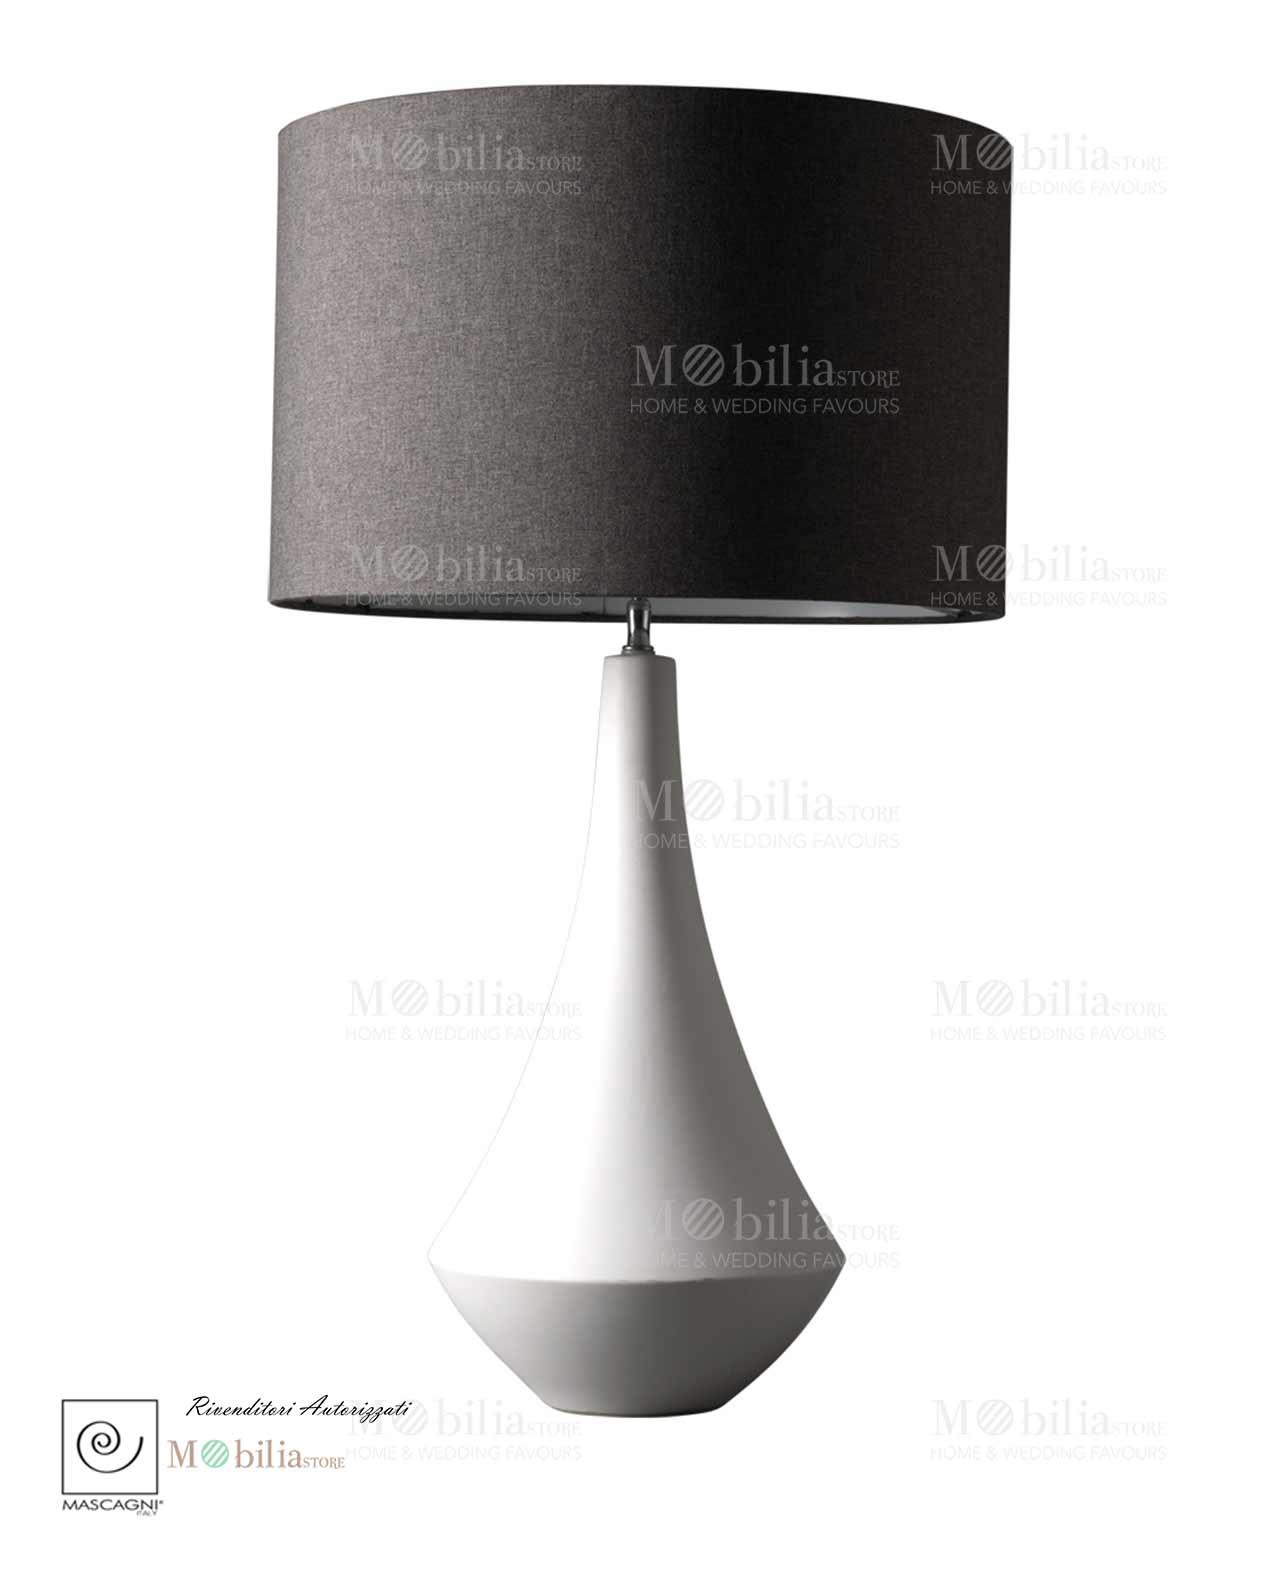 Lampada da tavolo nera mascagni mobilia store home favours for Mobilia outlet